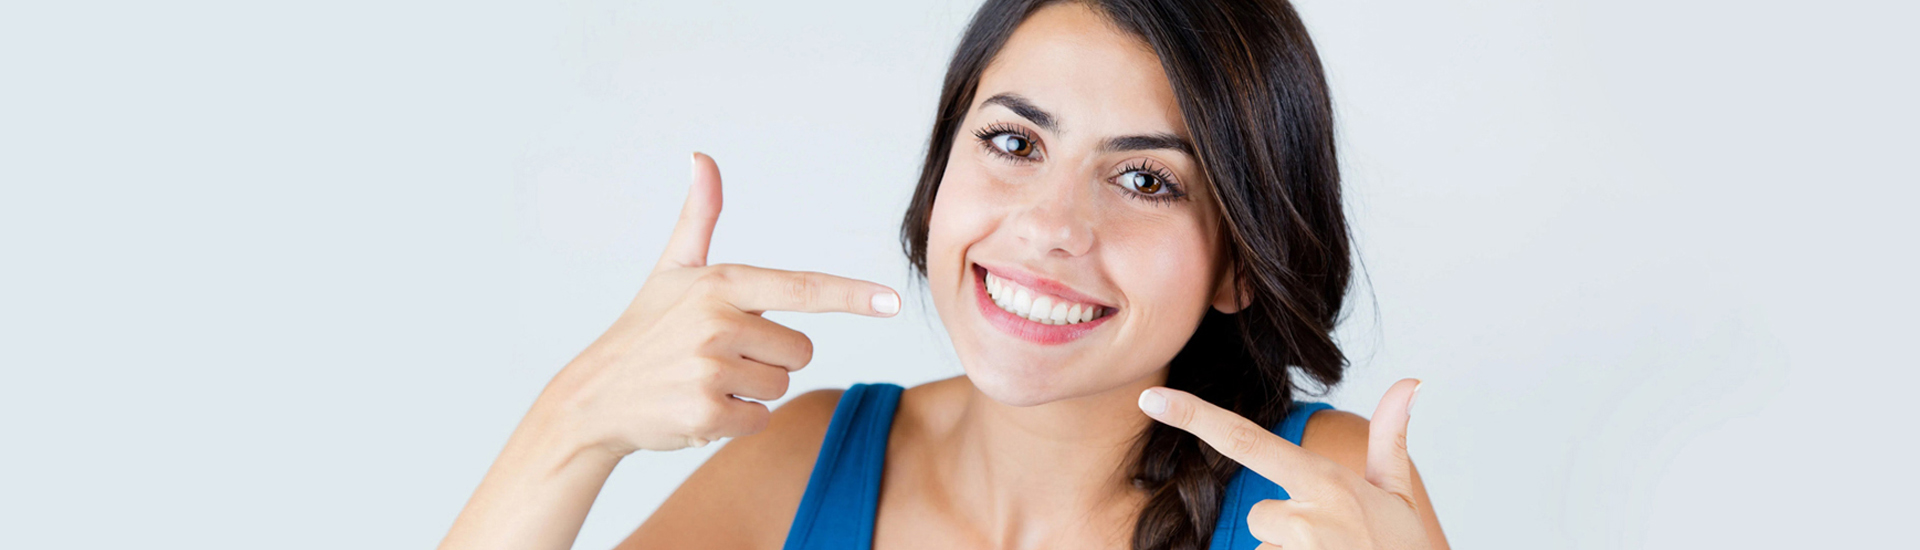 Teeth Whitening in Union, NJ